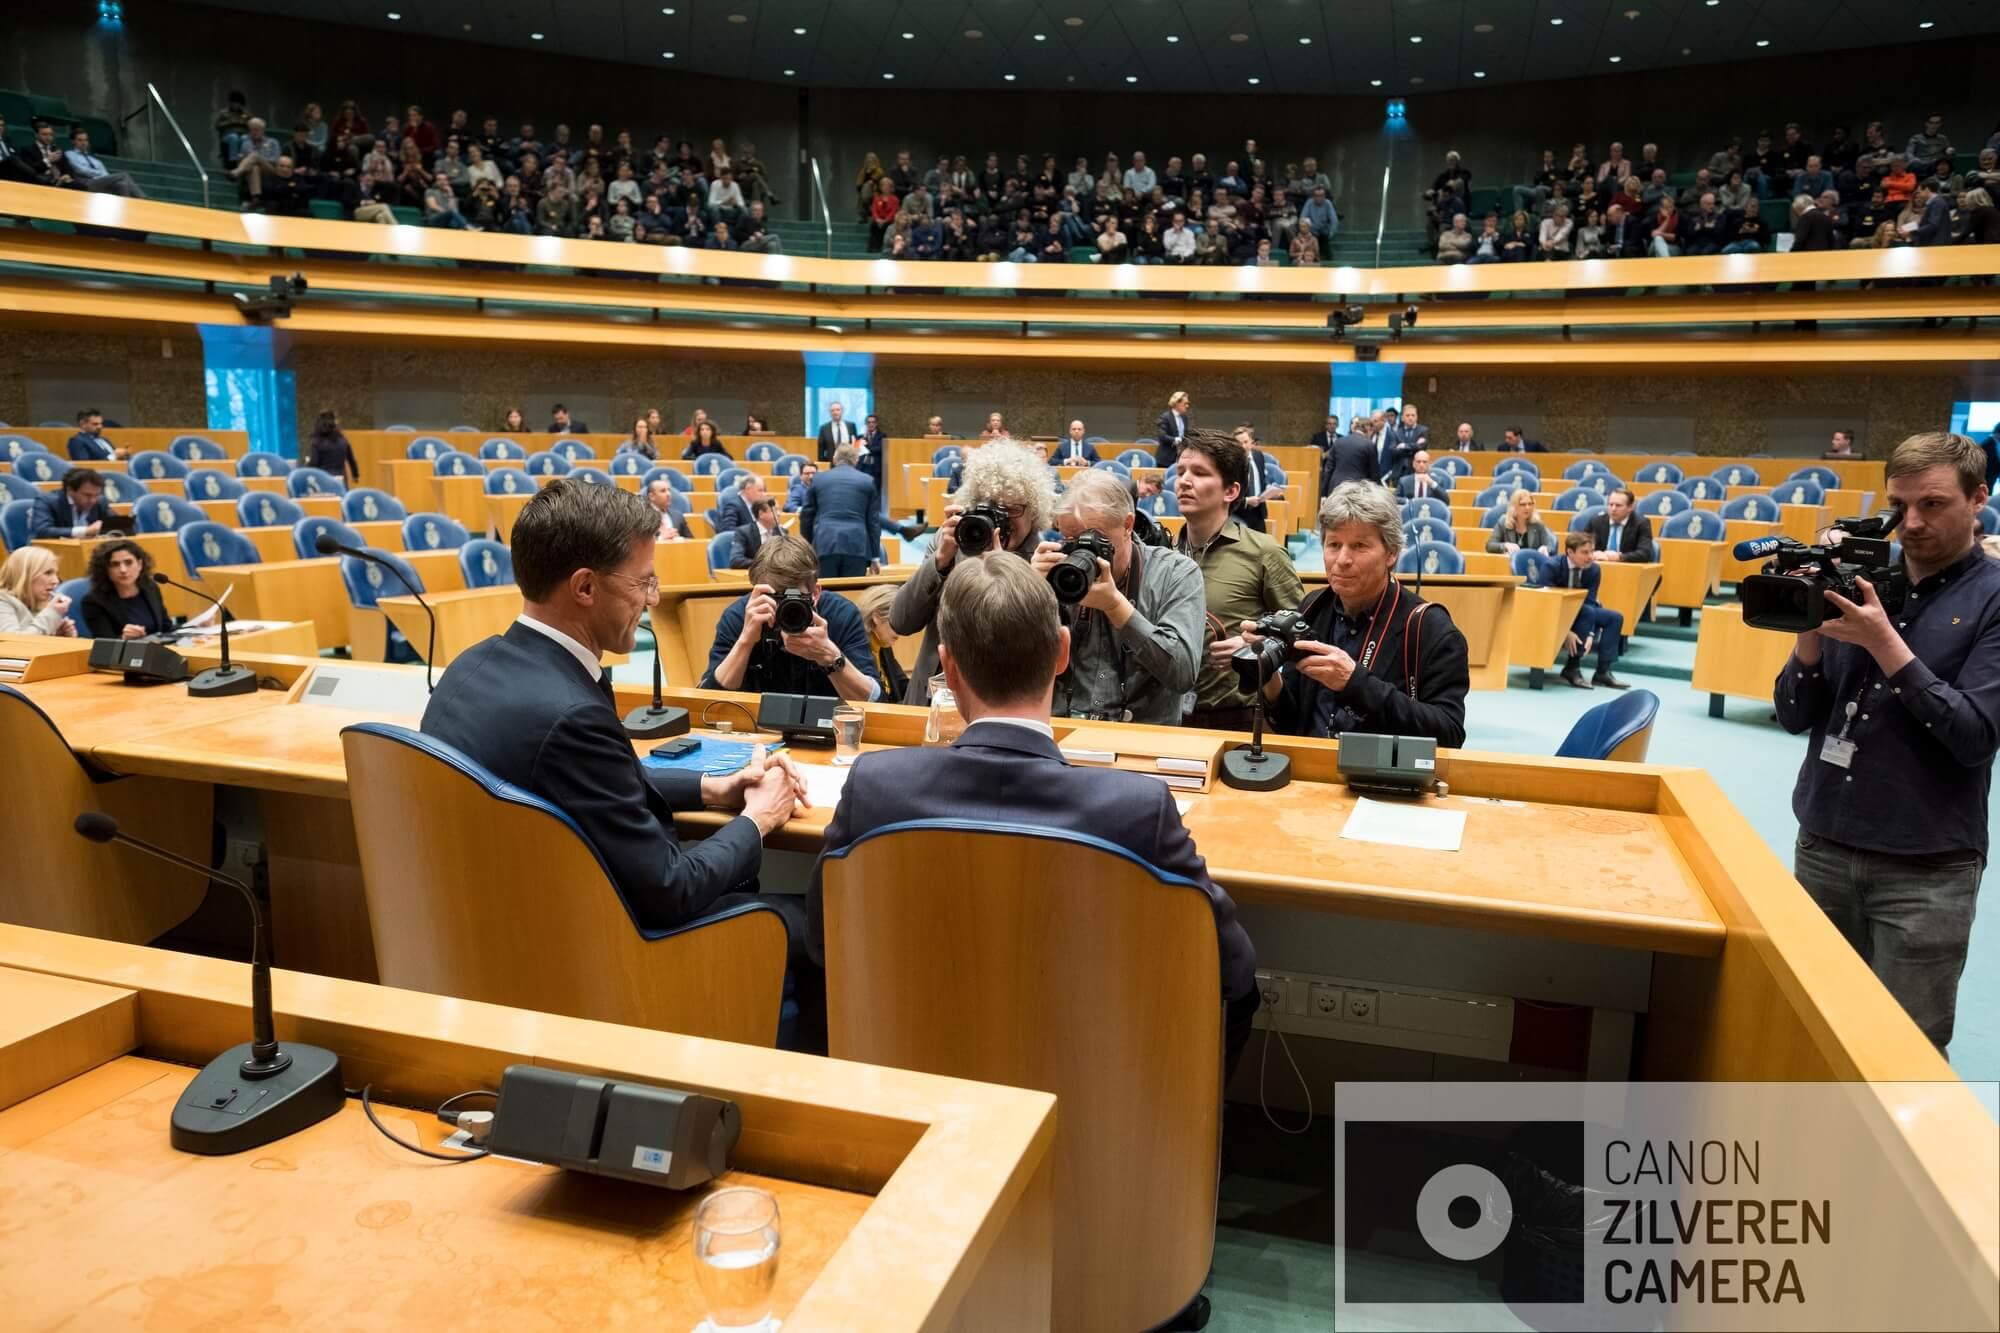 Nederland, Den Haag, 13022018 - Halbe Zijlstra treedt af als minister van Buitenlandse Zaken.